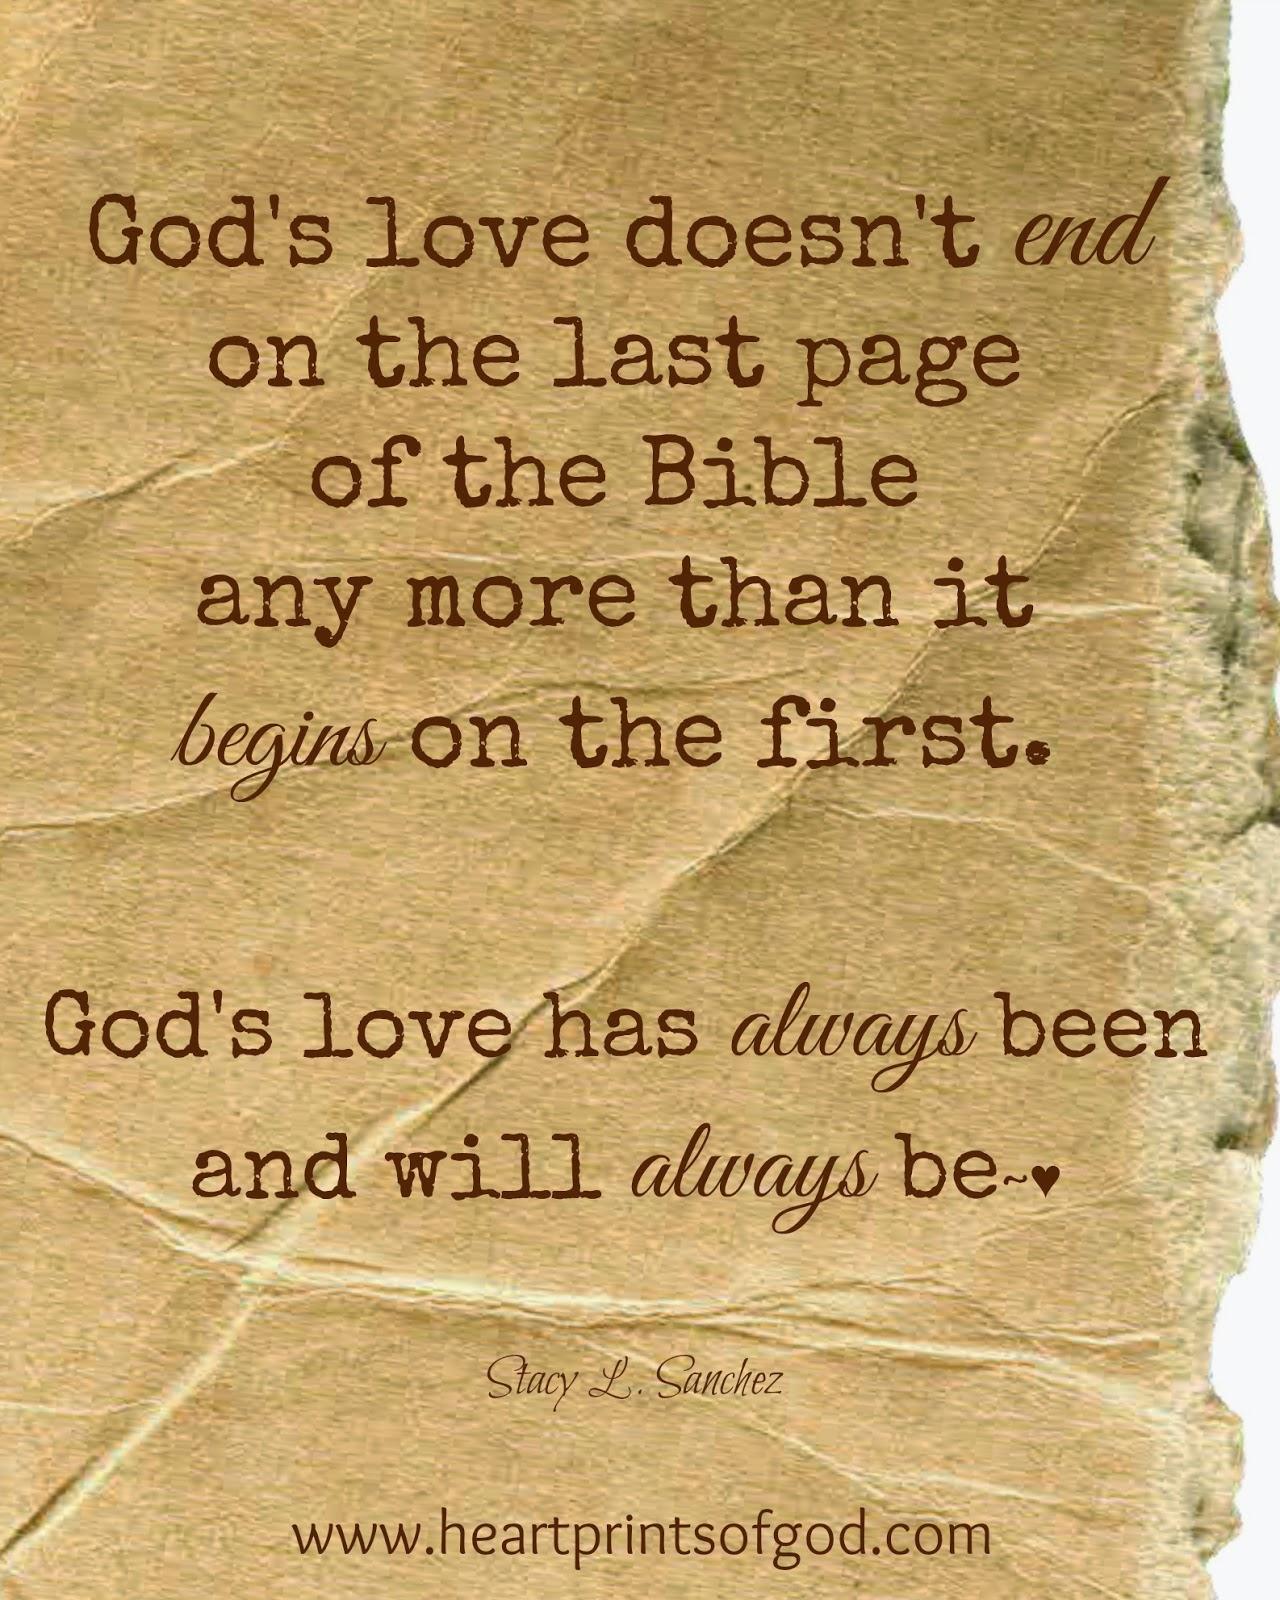 Heartprints Of God: No Beginning